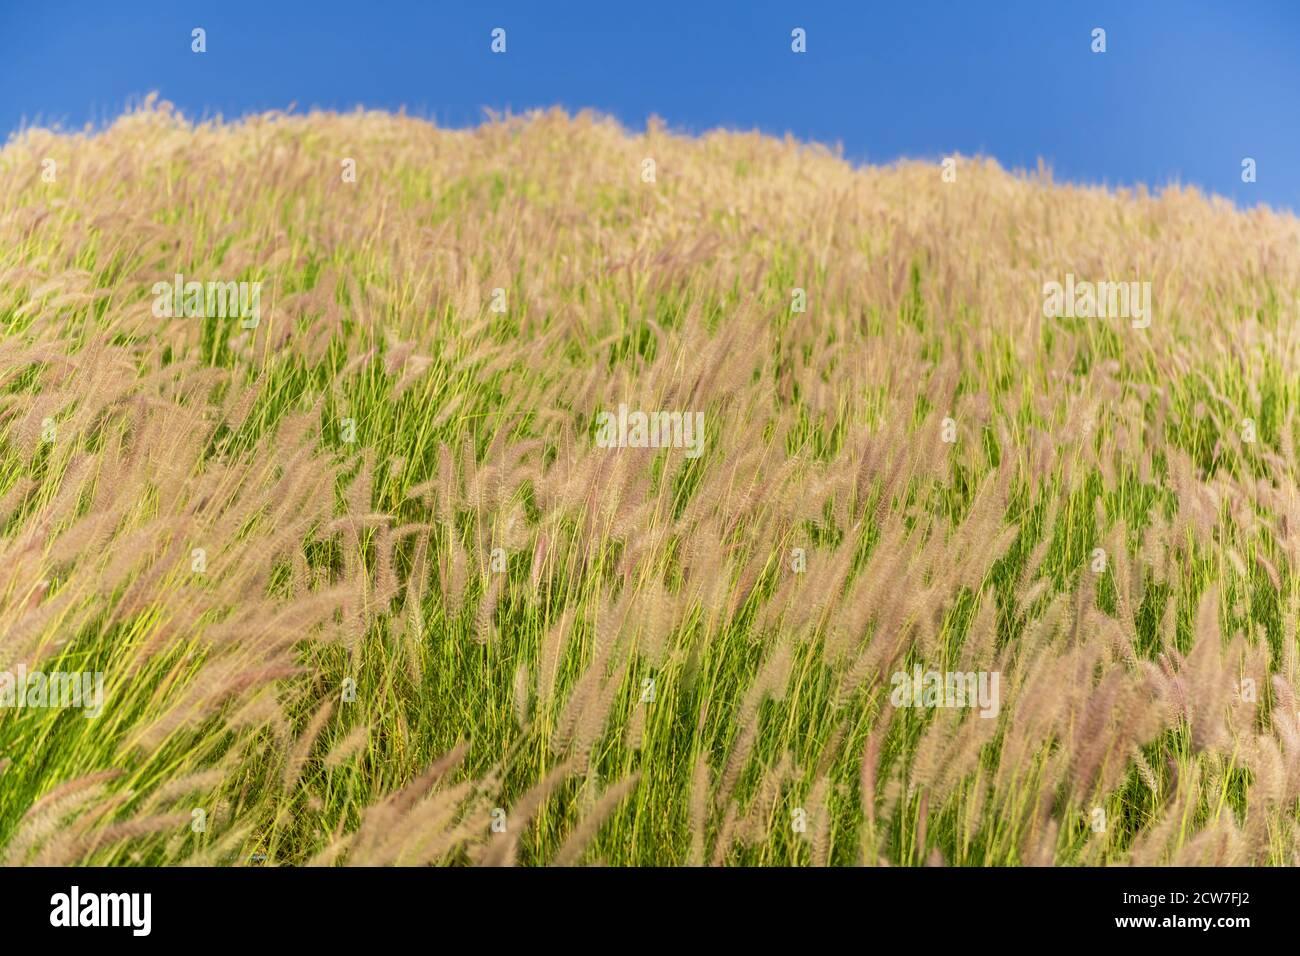 Lames d'herbe en plumes dans un pré. Banque D'Images